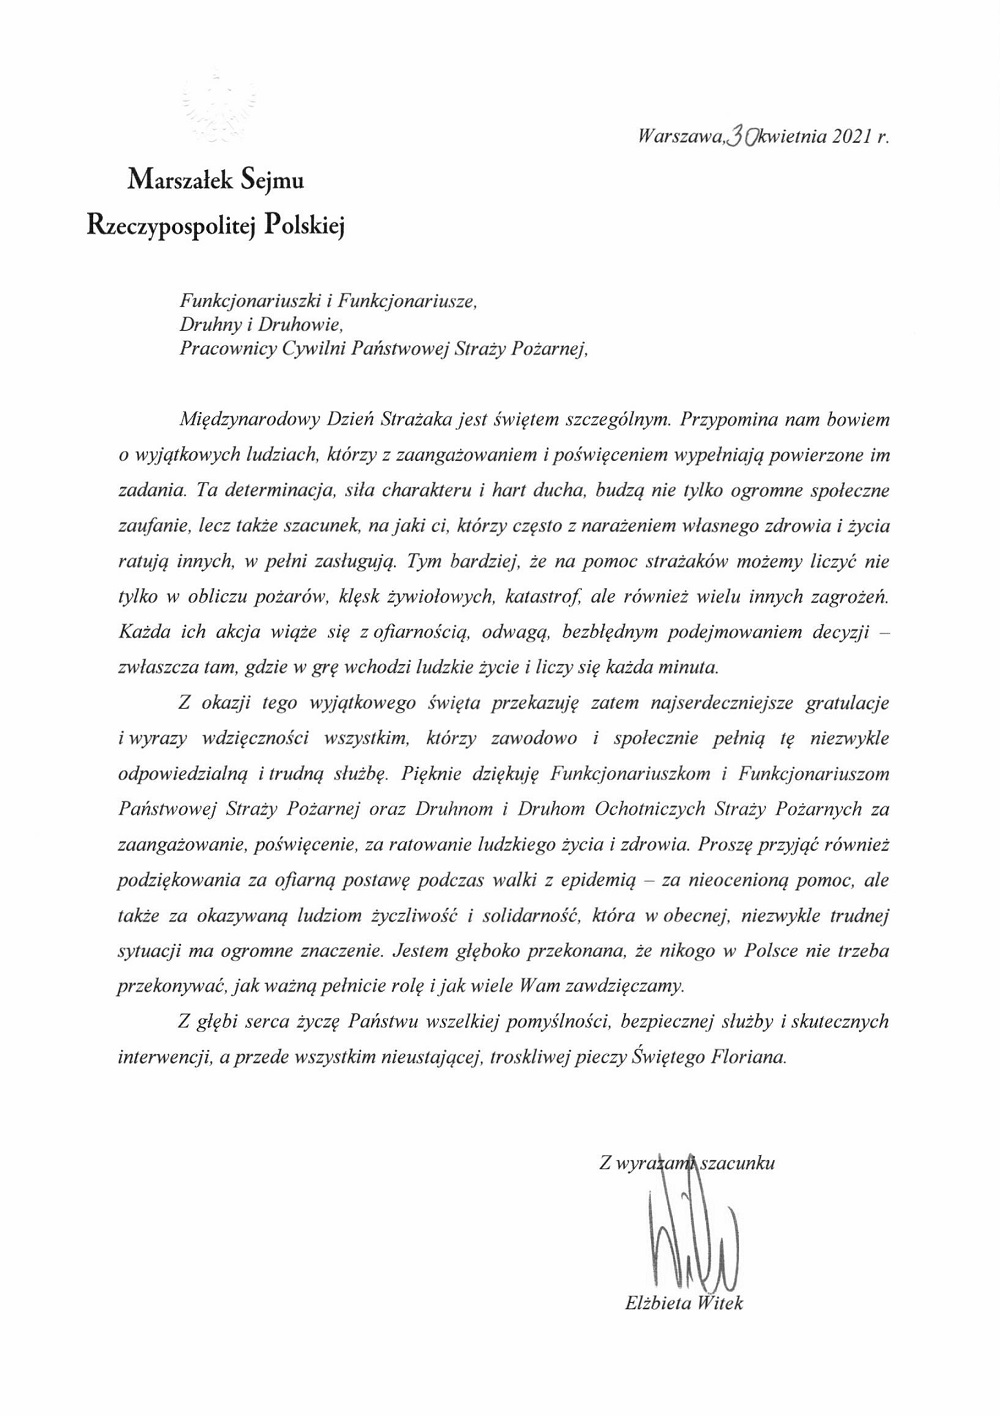 Życzenia pani Marszałek Sejmu RP z okazji Dnia Strażaka